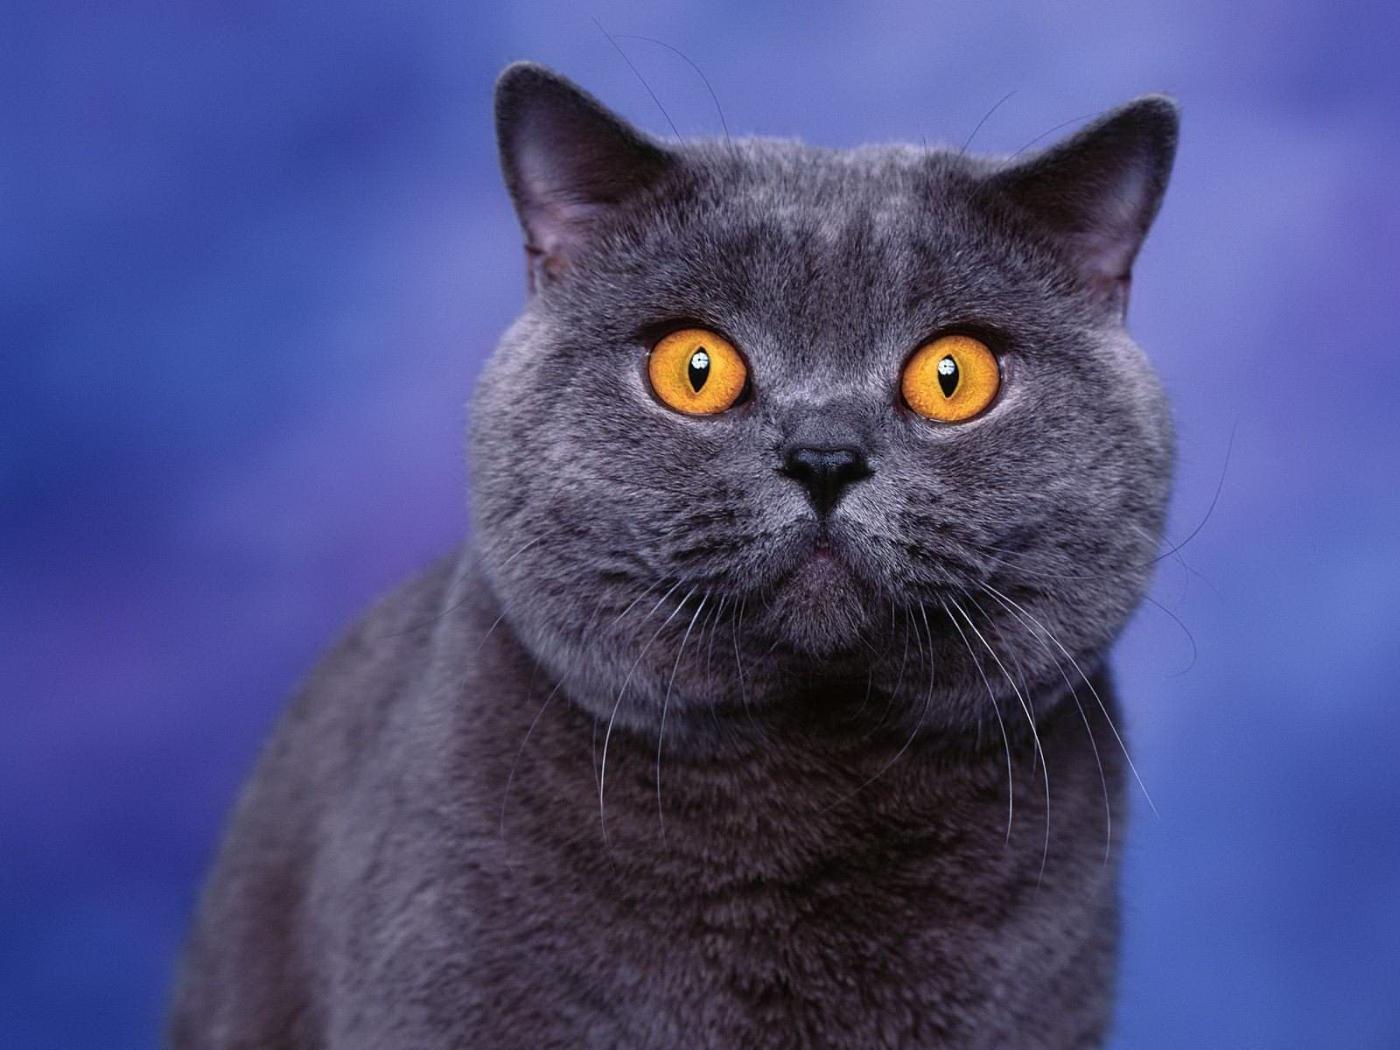 23464 обои 720x1520 на телефон бесплатно, скачать картинки Кошки (Коты, Котики), Животные 720x1520 на мобильный